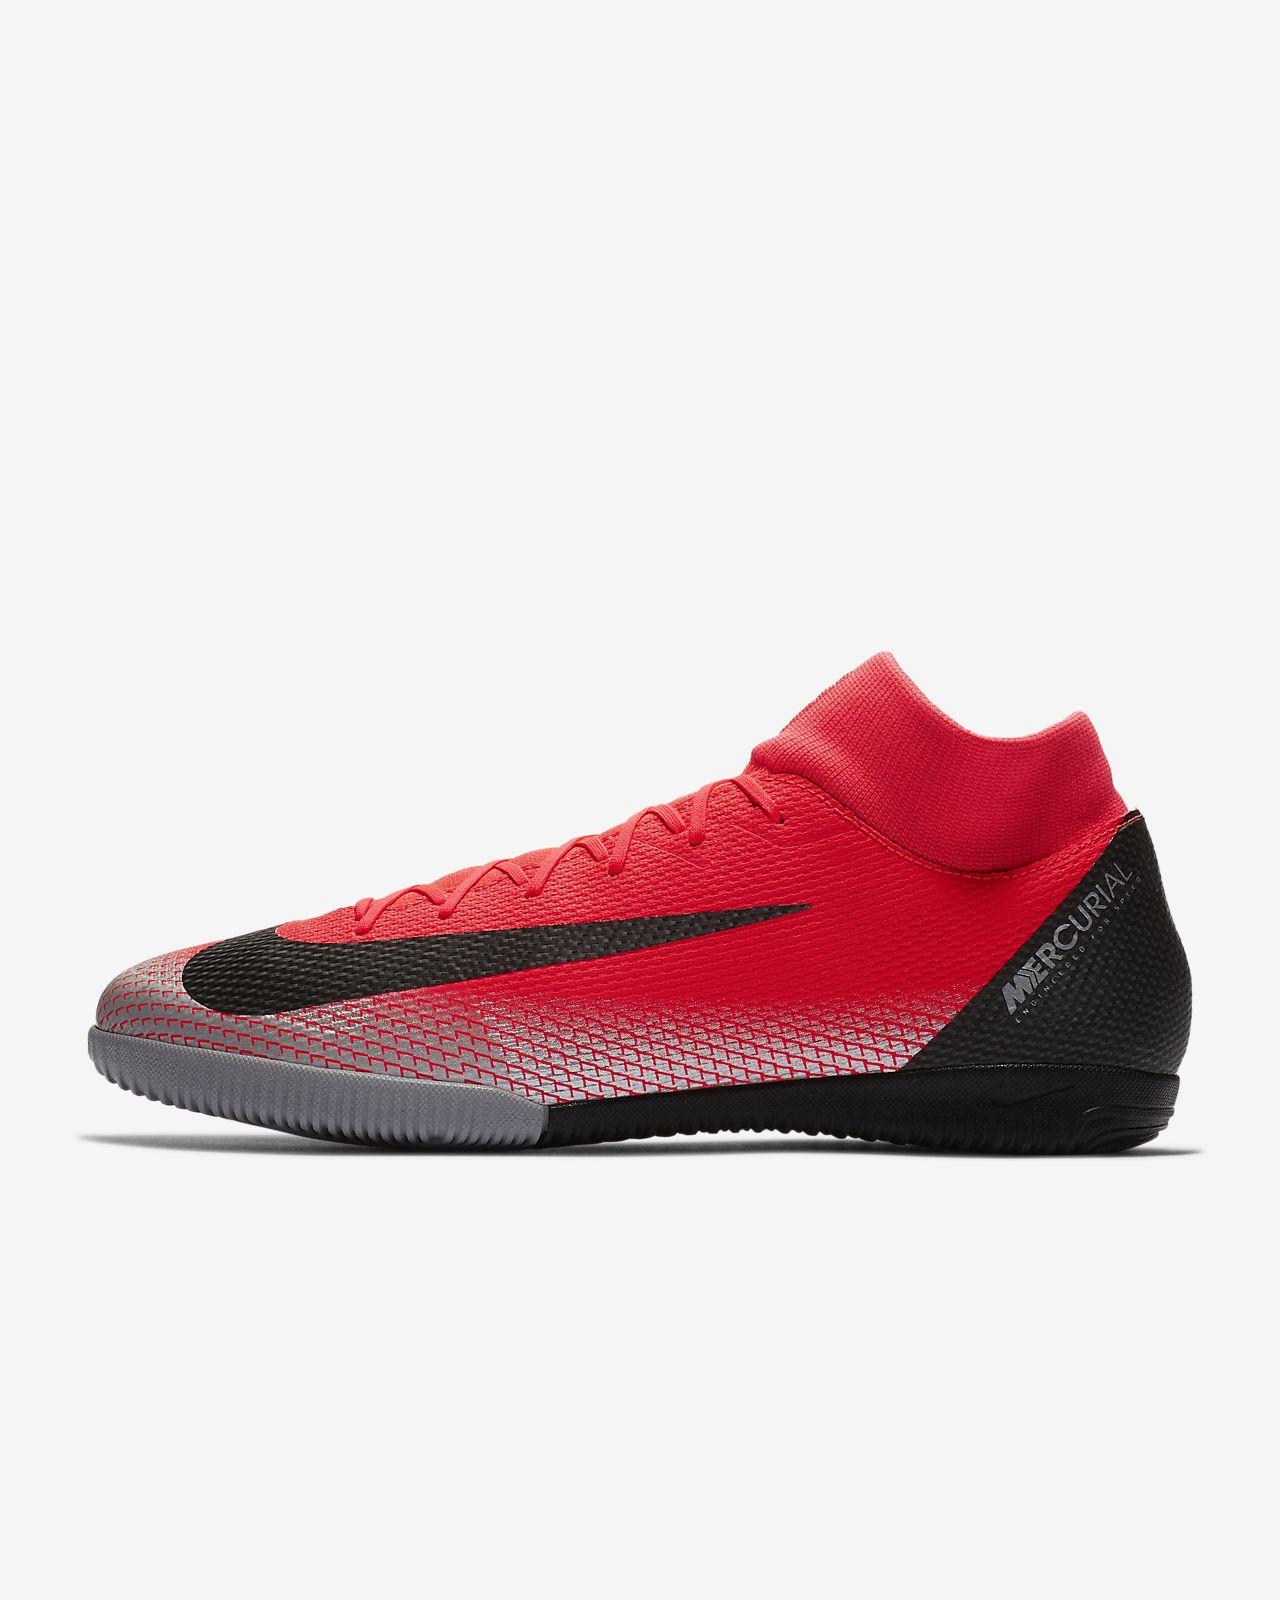 Nike SuperflyX 6 Academy IC Fußballschuh für Hallen- und Hartplätze